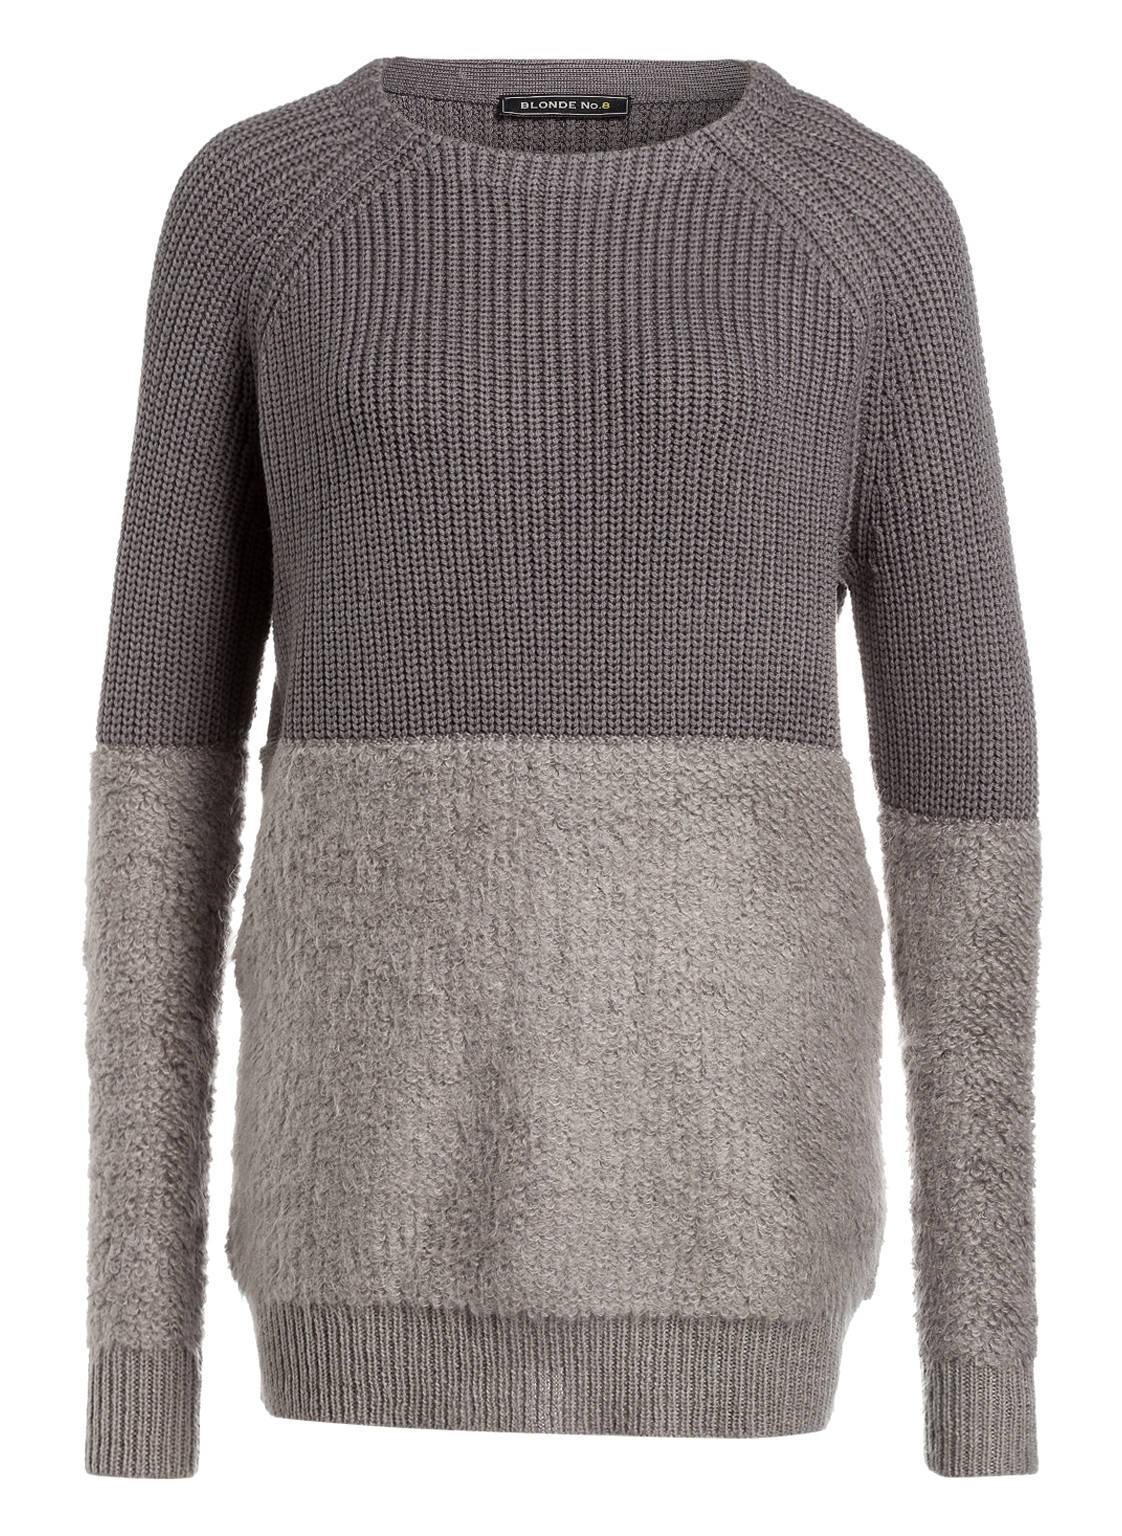 Artikel klicken und genauer betrachten! - Coolness wird zu Ihrer Begleiterin mit diesem trendigen Pullover von BLONDE No.8. Das Modell hebt sich gekonnt mit lässigem Oversized-Schnitt ab. Der Material-Mix mit flauschigem Mohair unterstreicht den angesagten Look. Die ideale Ergänzung Ihres Trend-Outfits! Details: Weiter Schnitt. Rundhalsausschnitt. Raglanärmel. Gerippter Bund. Maße bei Größe 36: Rückenlänge ab Schulter: 78 cm.   im Online Shop kaufen